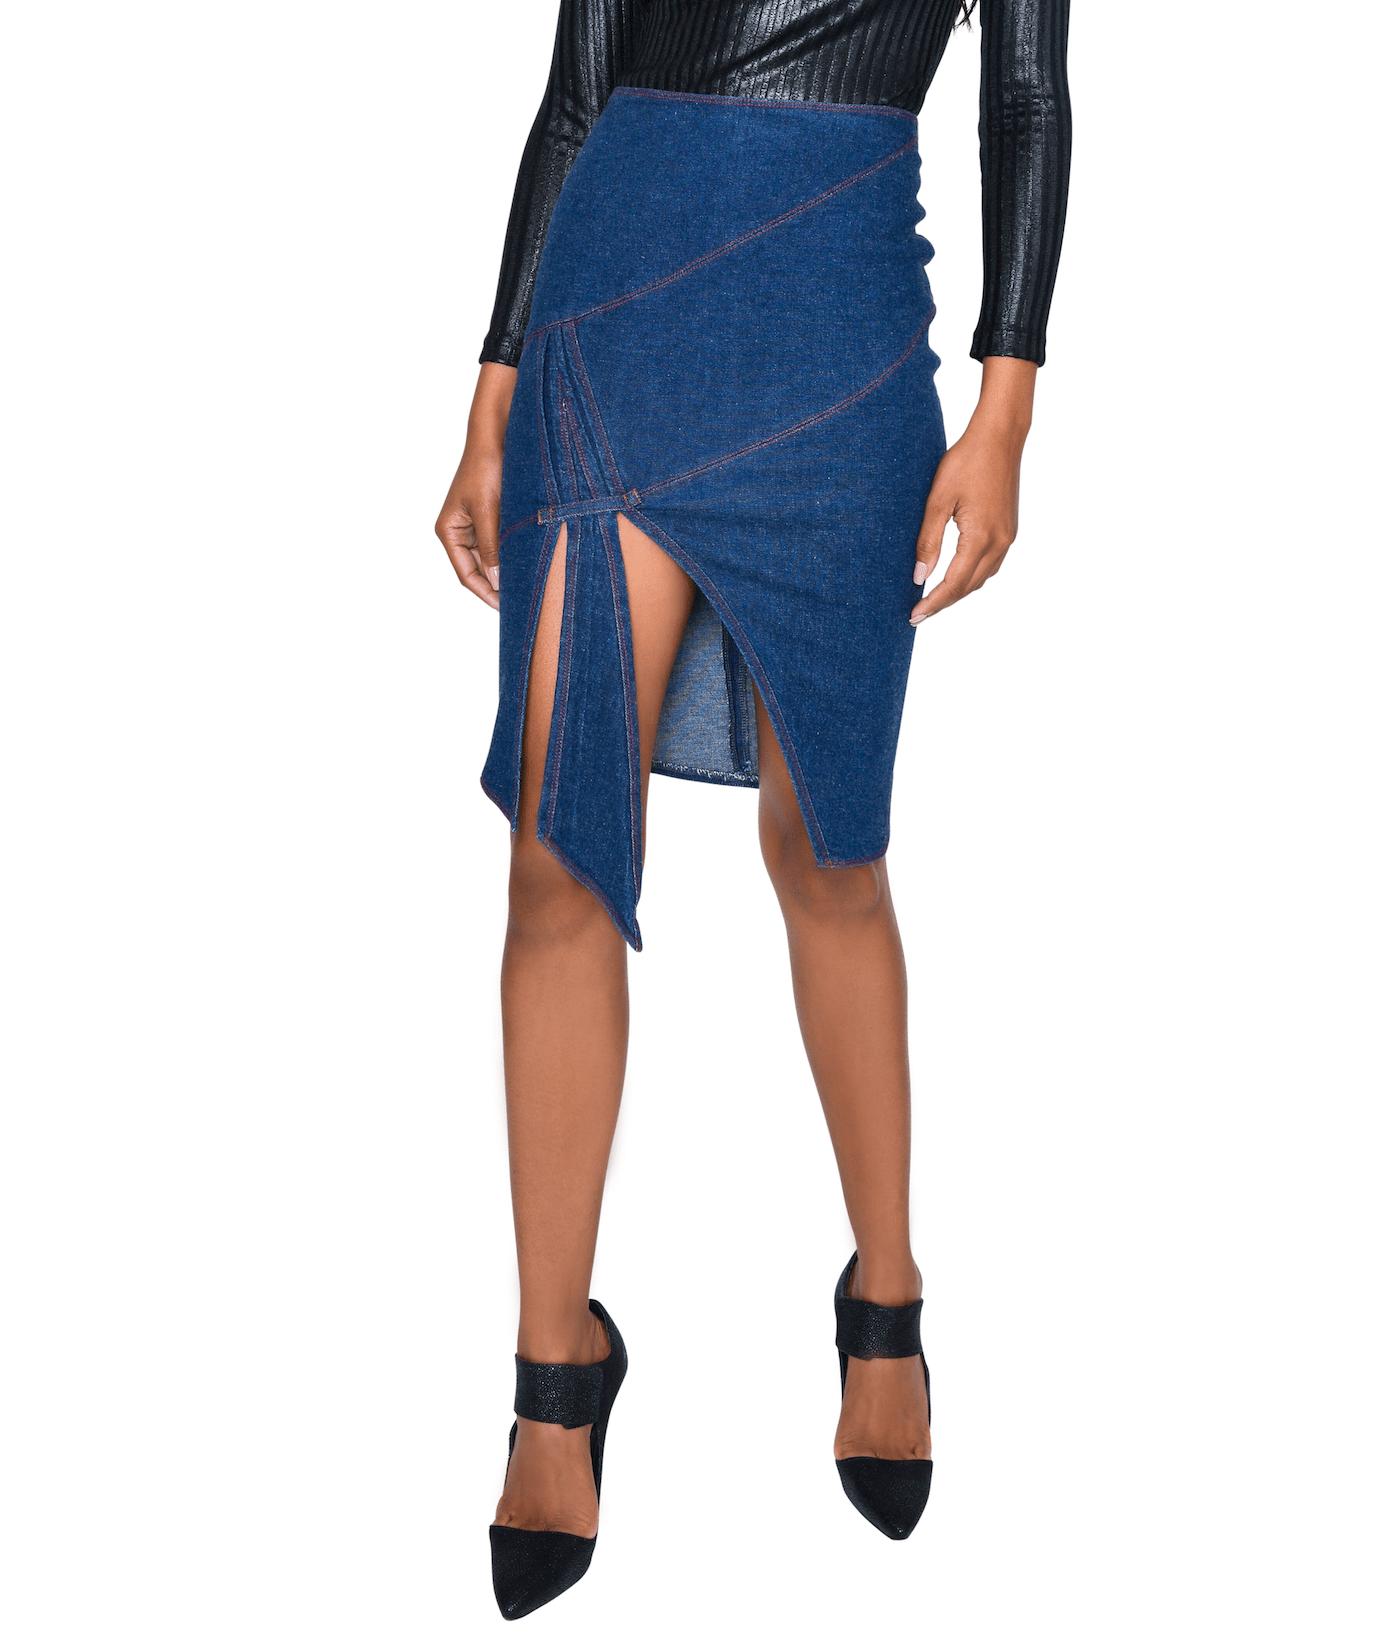 Skirt ALFIRK II 1